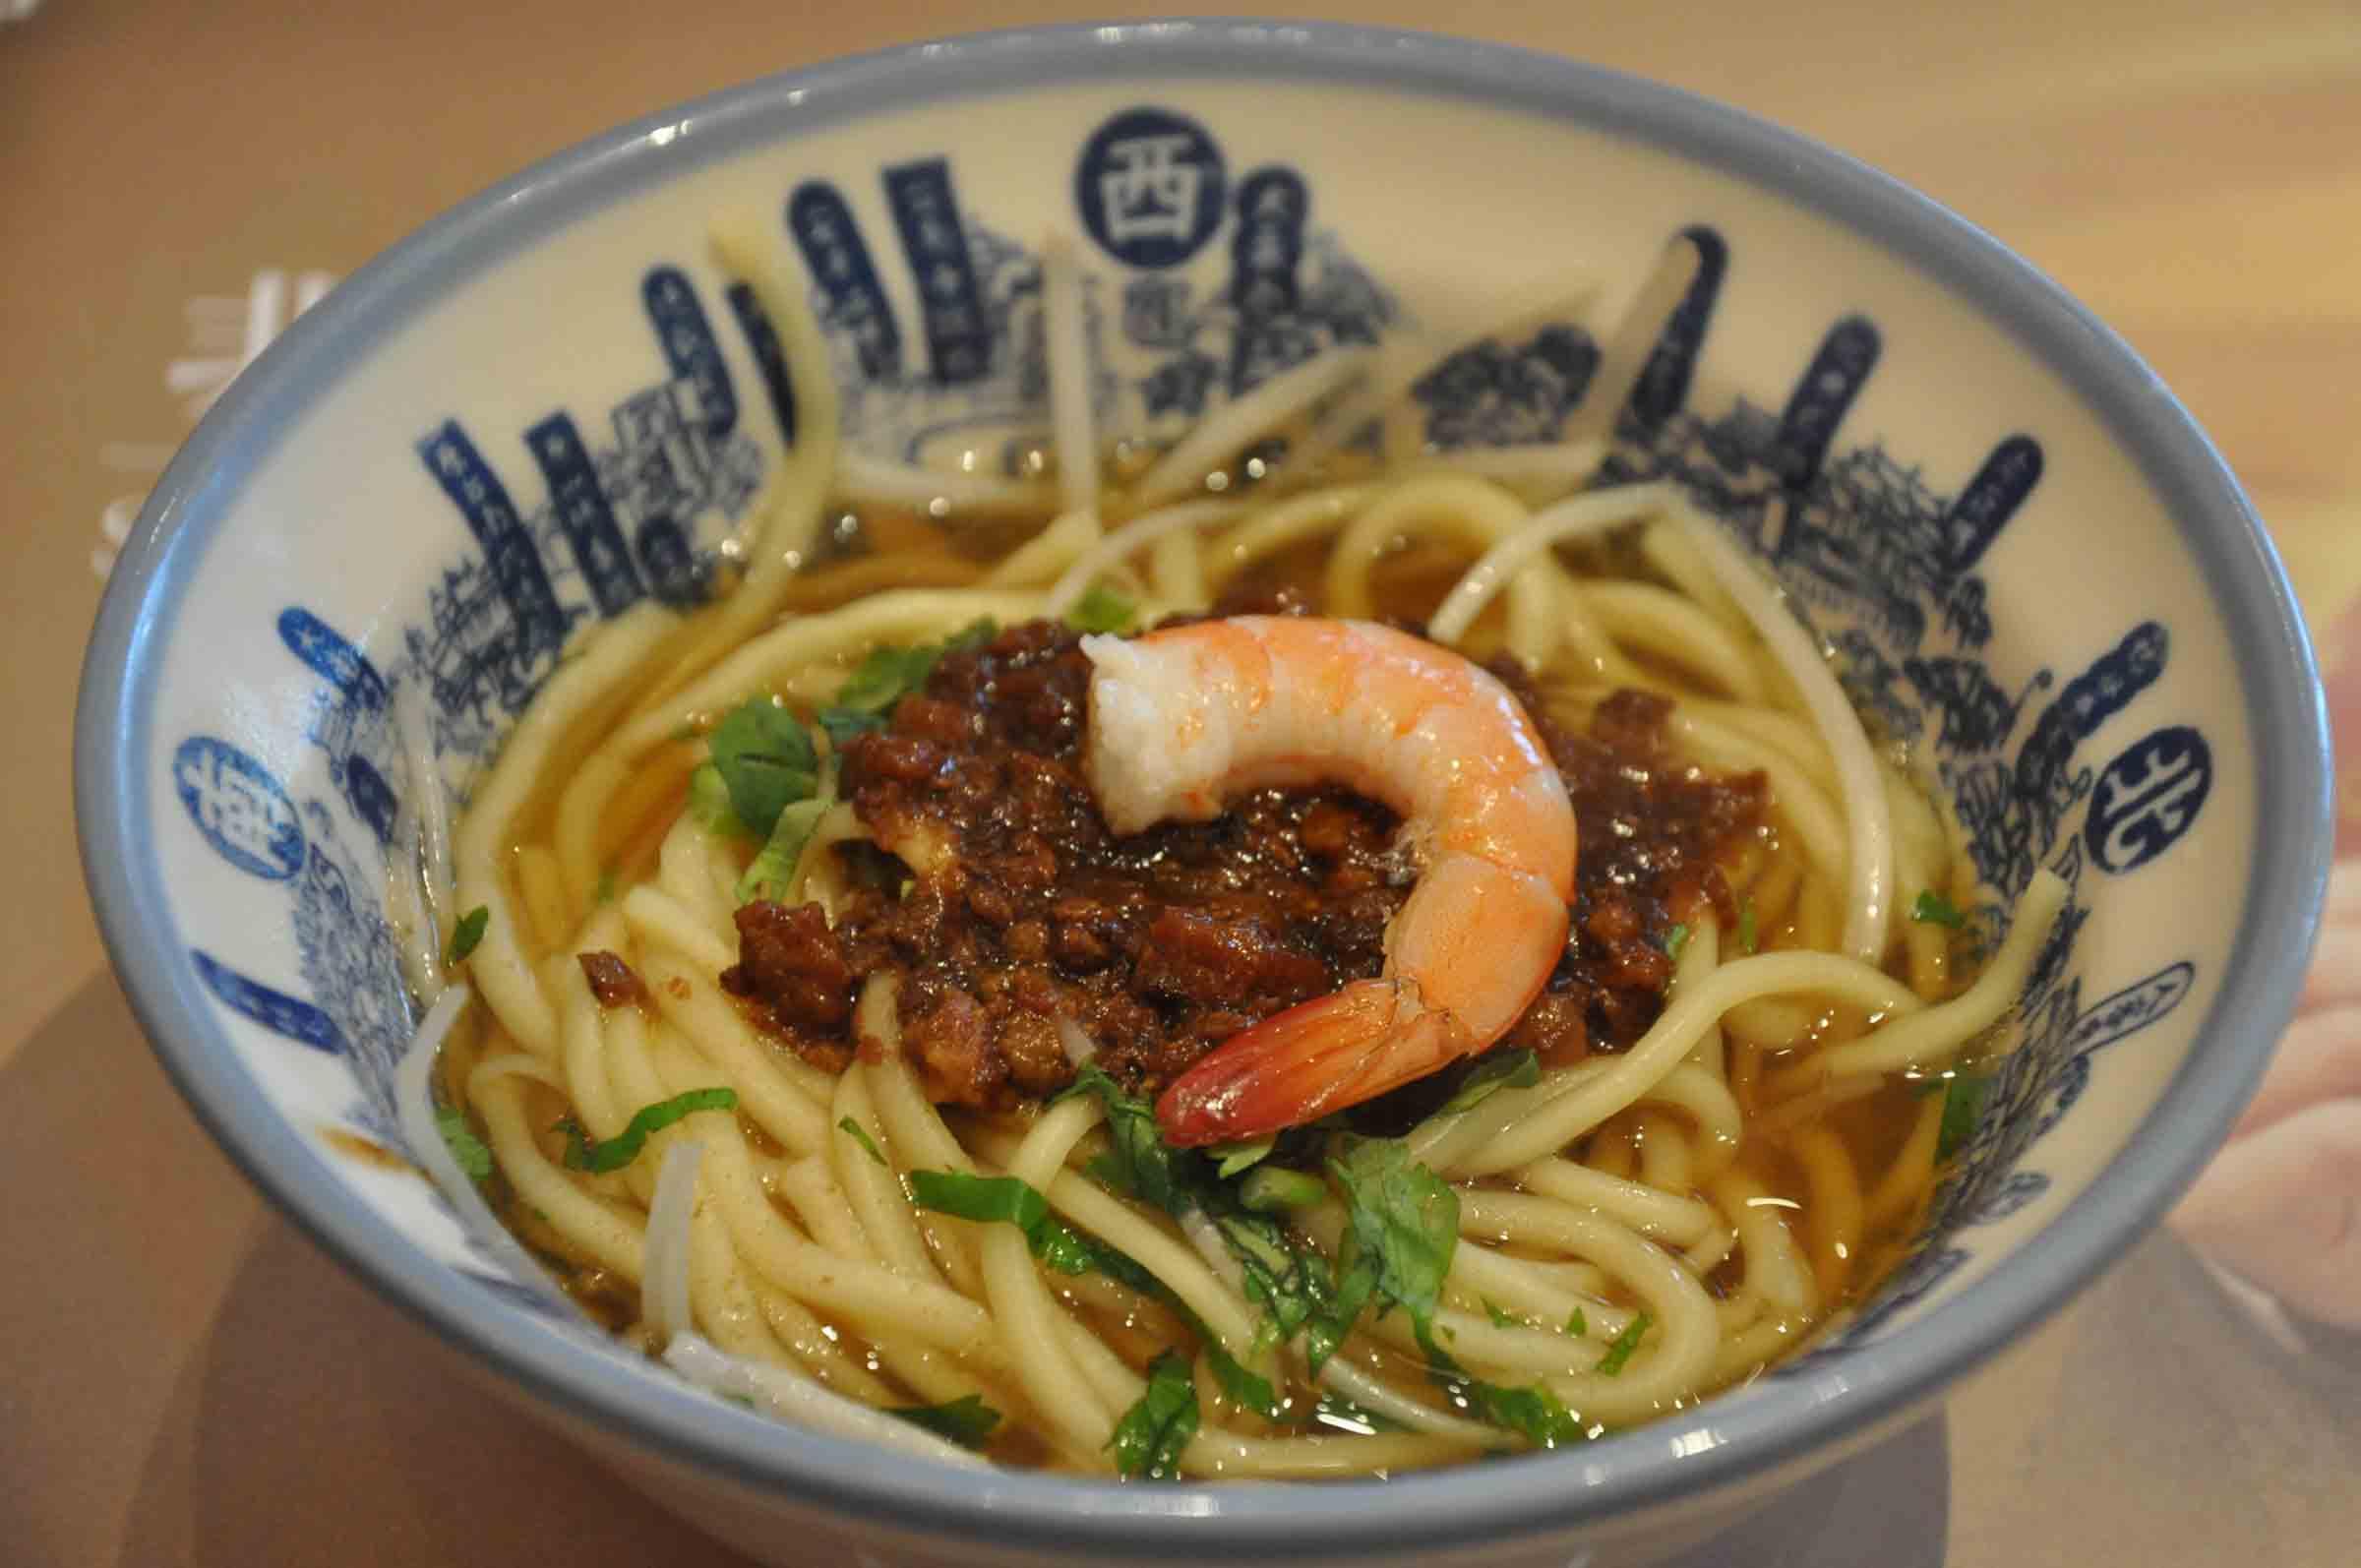 Du Hsiao Yueh: 100 year old Tainan Dan-Tzai Noodles